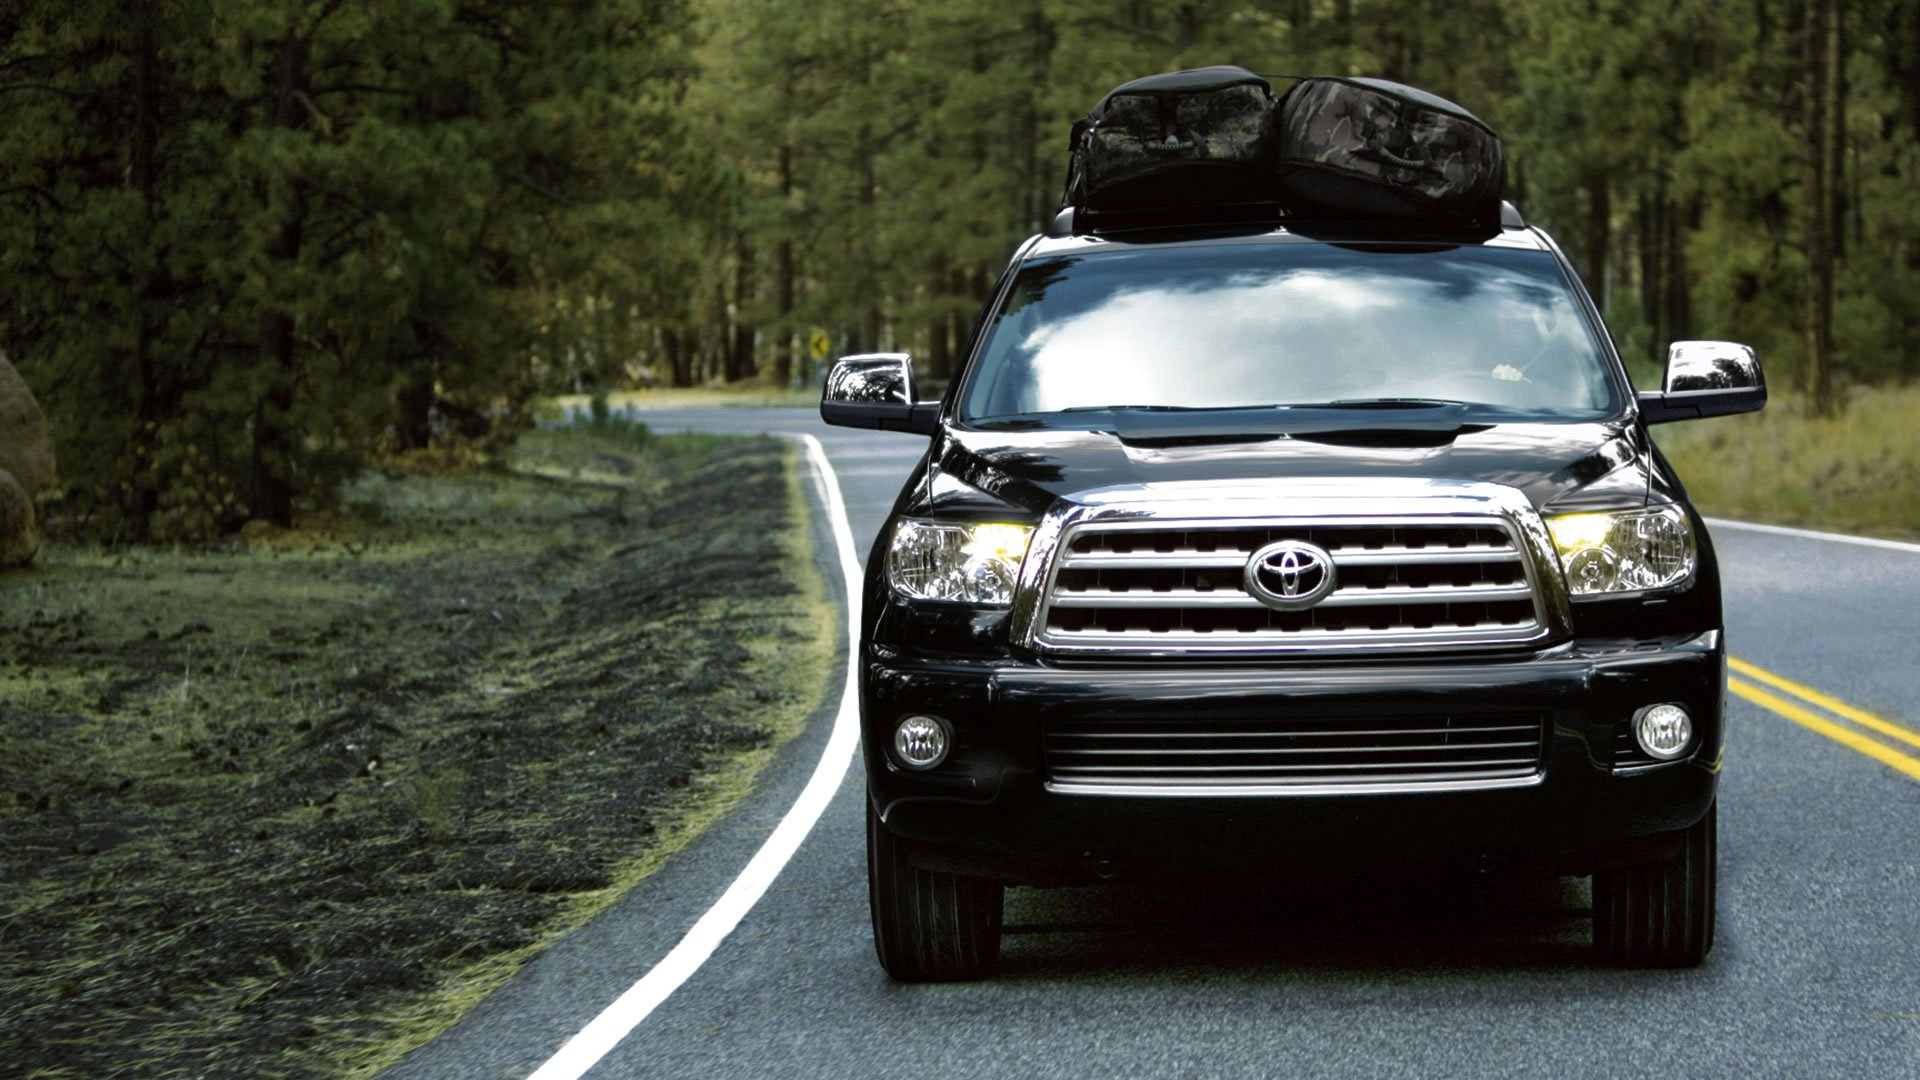 1401125691 003 - Тест-драйв Toyota Sequoia (2014)